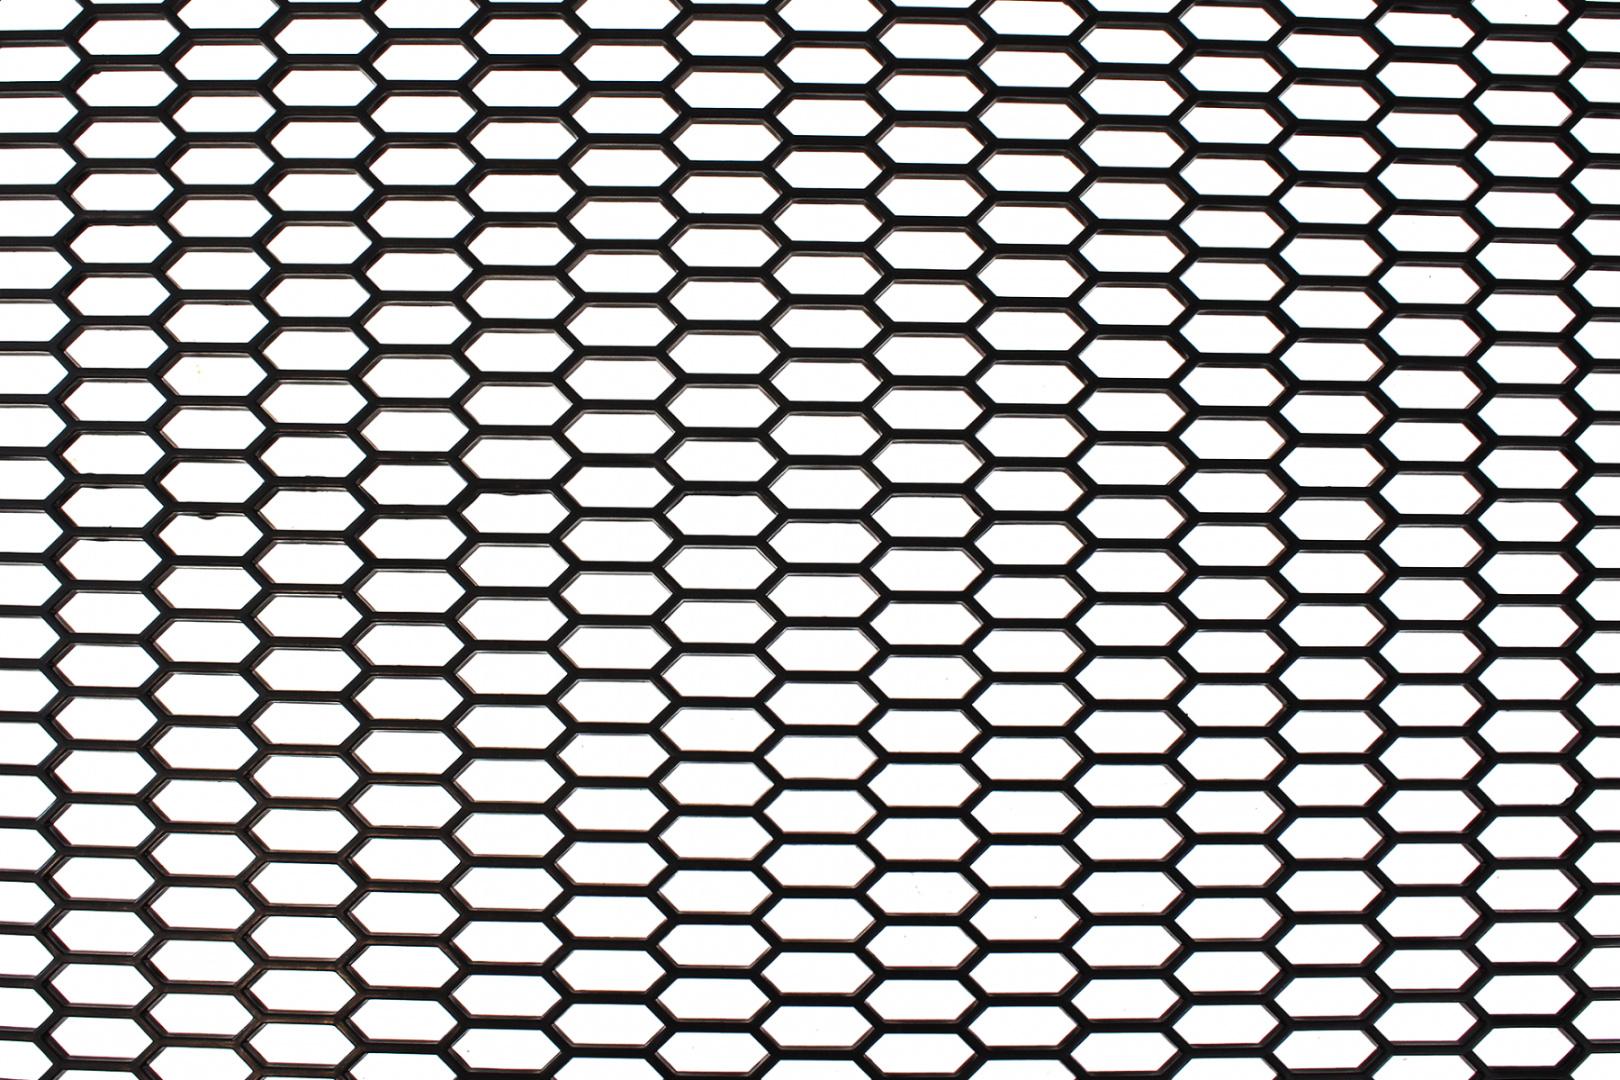 SIATKA PU HONEY COMB BLACK 120 * 40cm - GRUBYGARAGE - Sklep Tuningowy